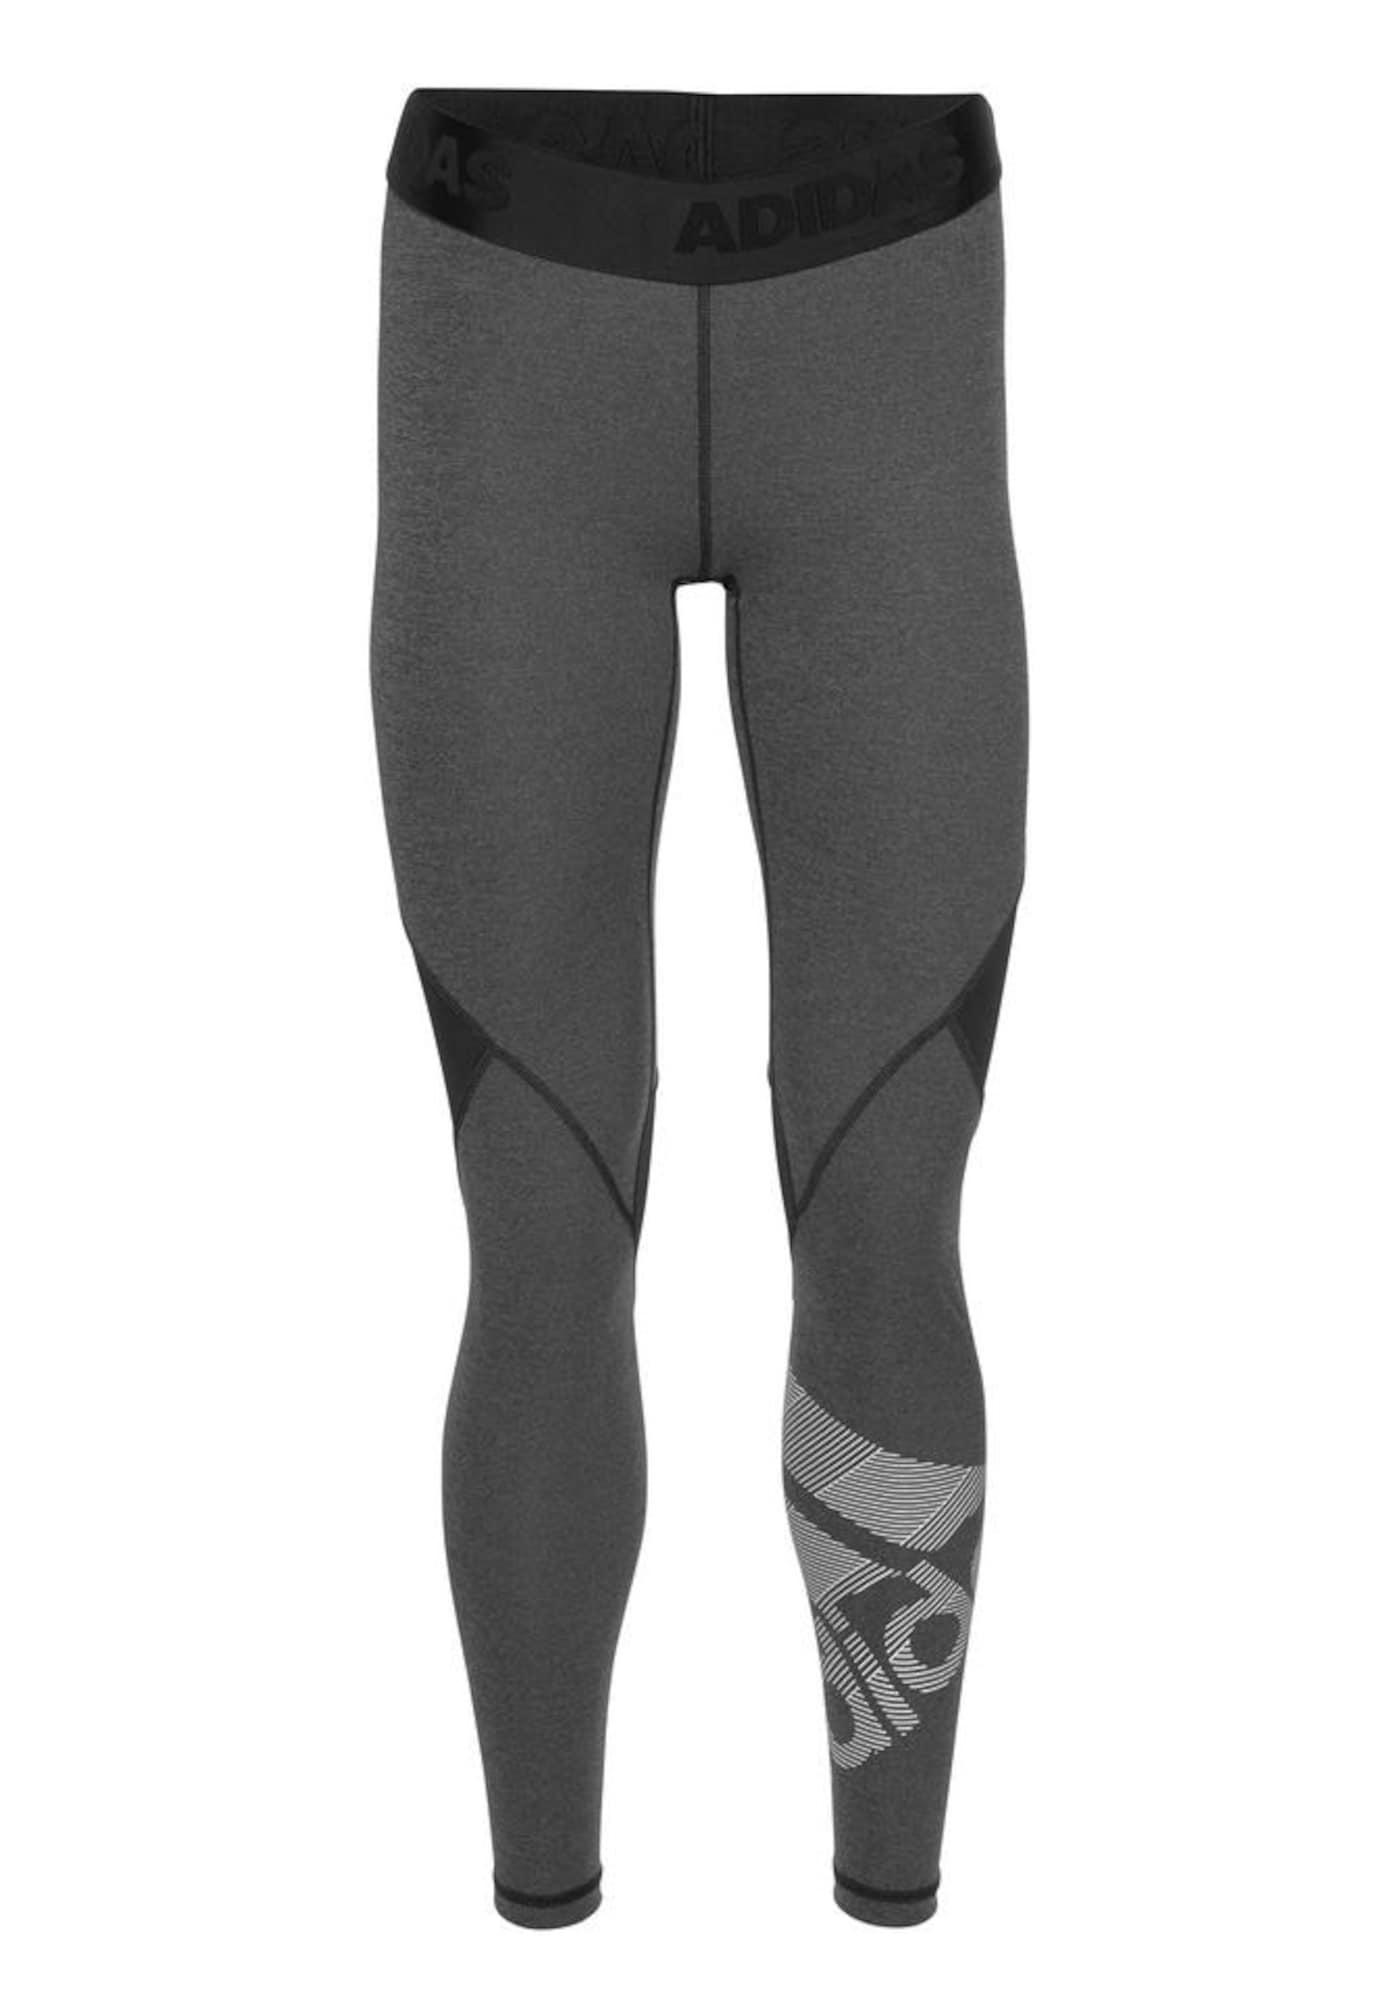 Sportovní kalhoty Alphaskin Badge of Sport šedý melír černý melír bílá ADIDAS PERFORMANCE